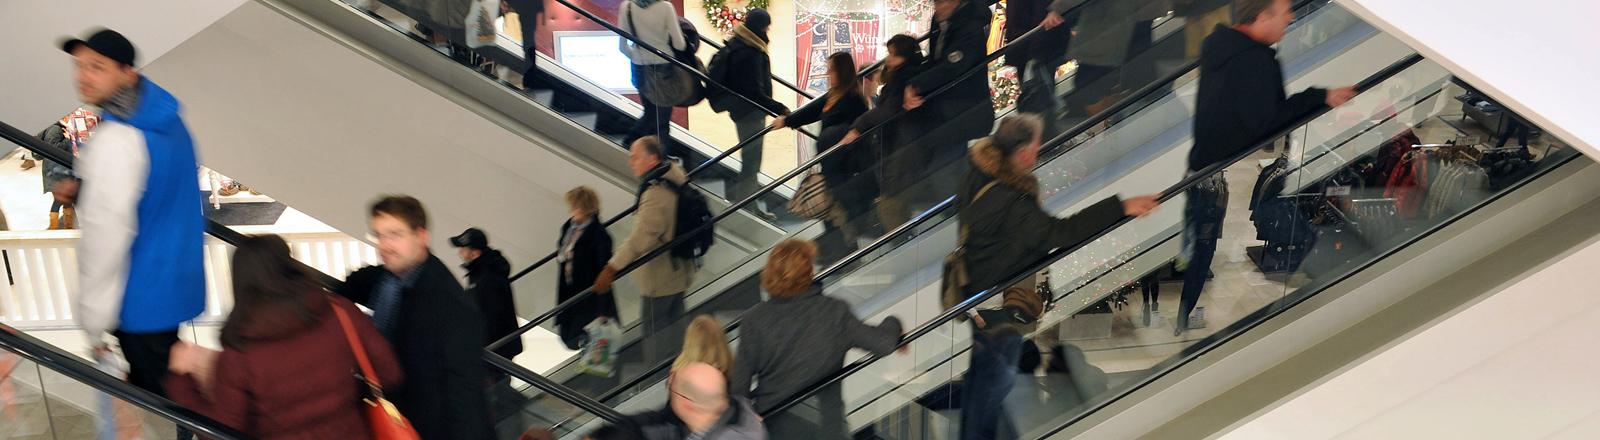 Menschen auf der Rolltreppe bei Galeria Kaufhof in Berlin